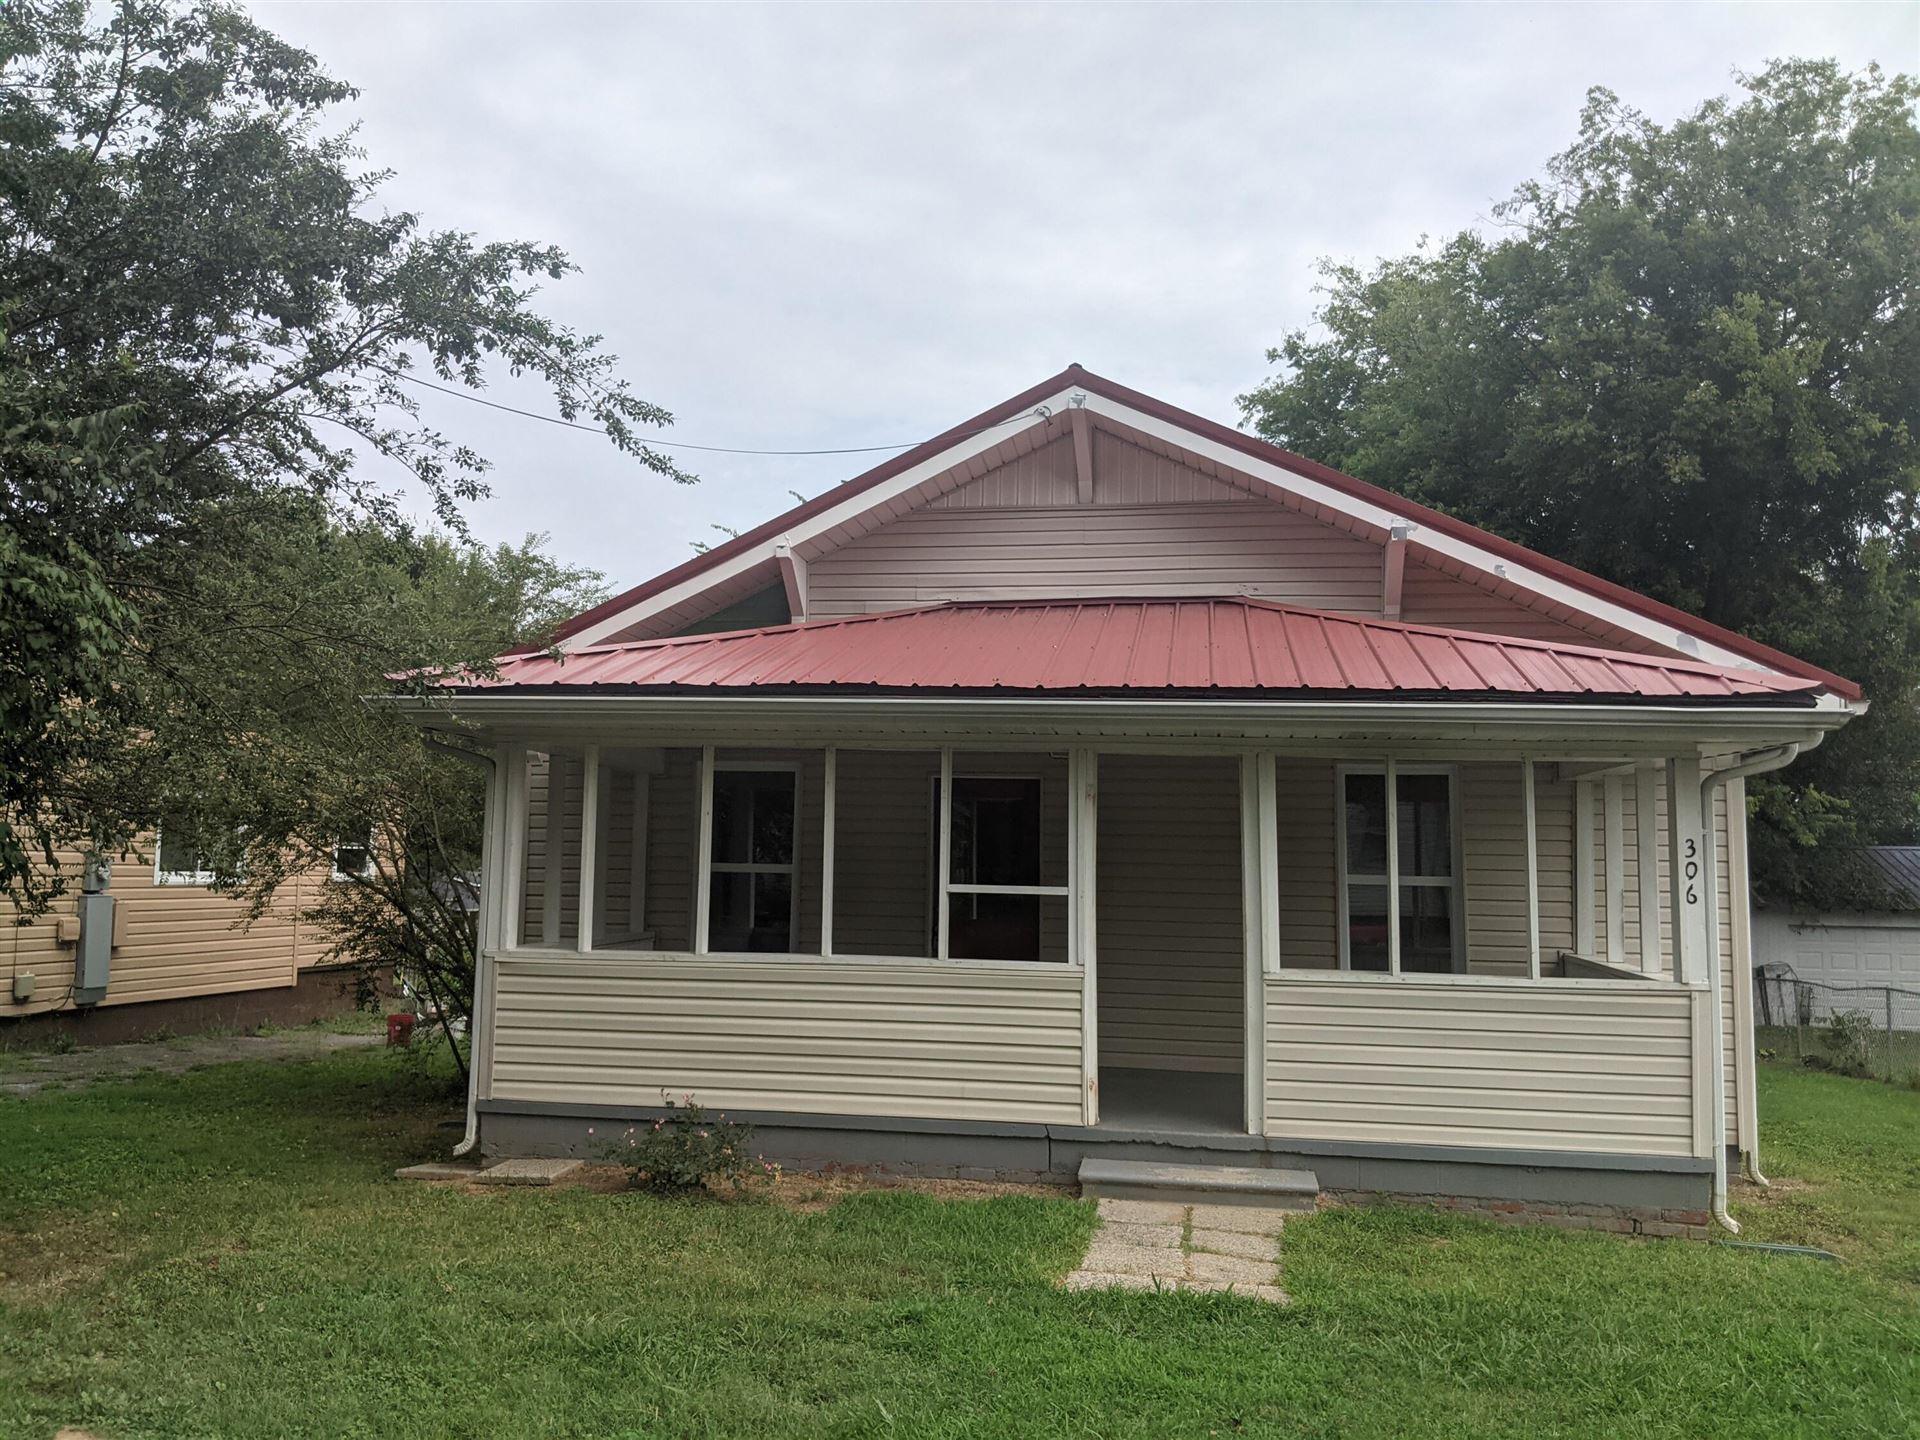 Photo of 306 Mcginley St, Maryville, TN 37804 (MLS # 1165835)